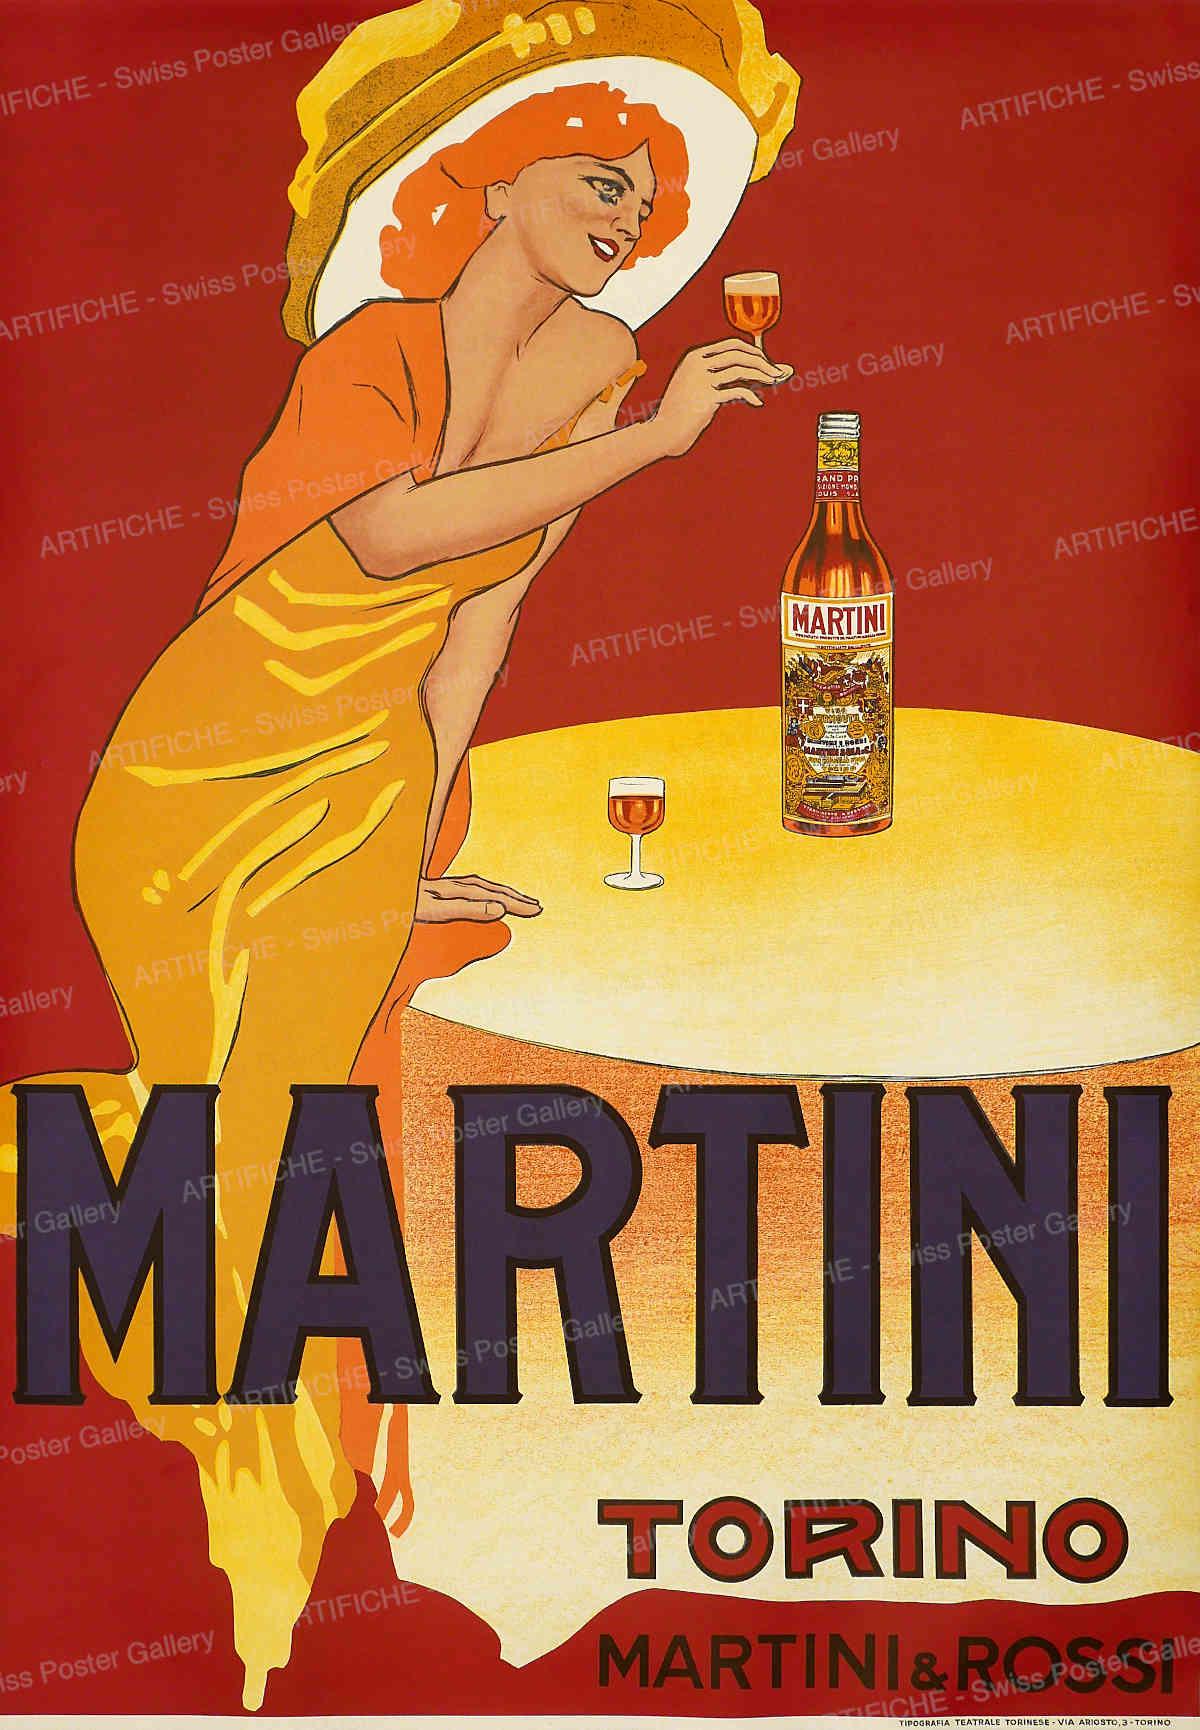 MARTINI – Martini & Rossi Torino, Marcello Dudovich